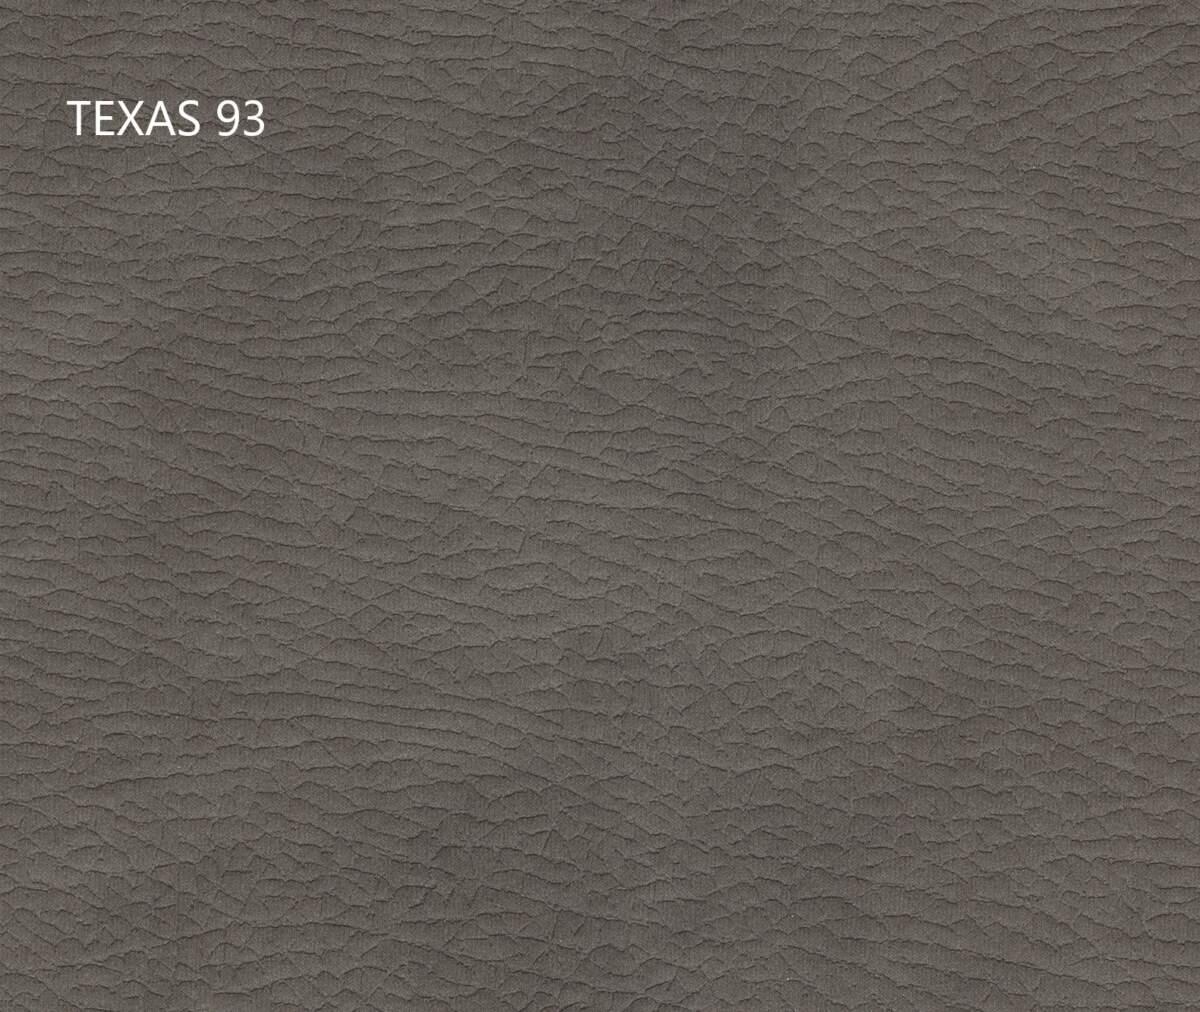 texas-93